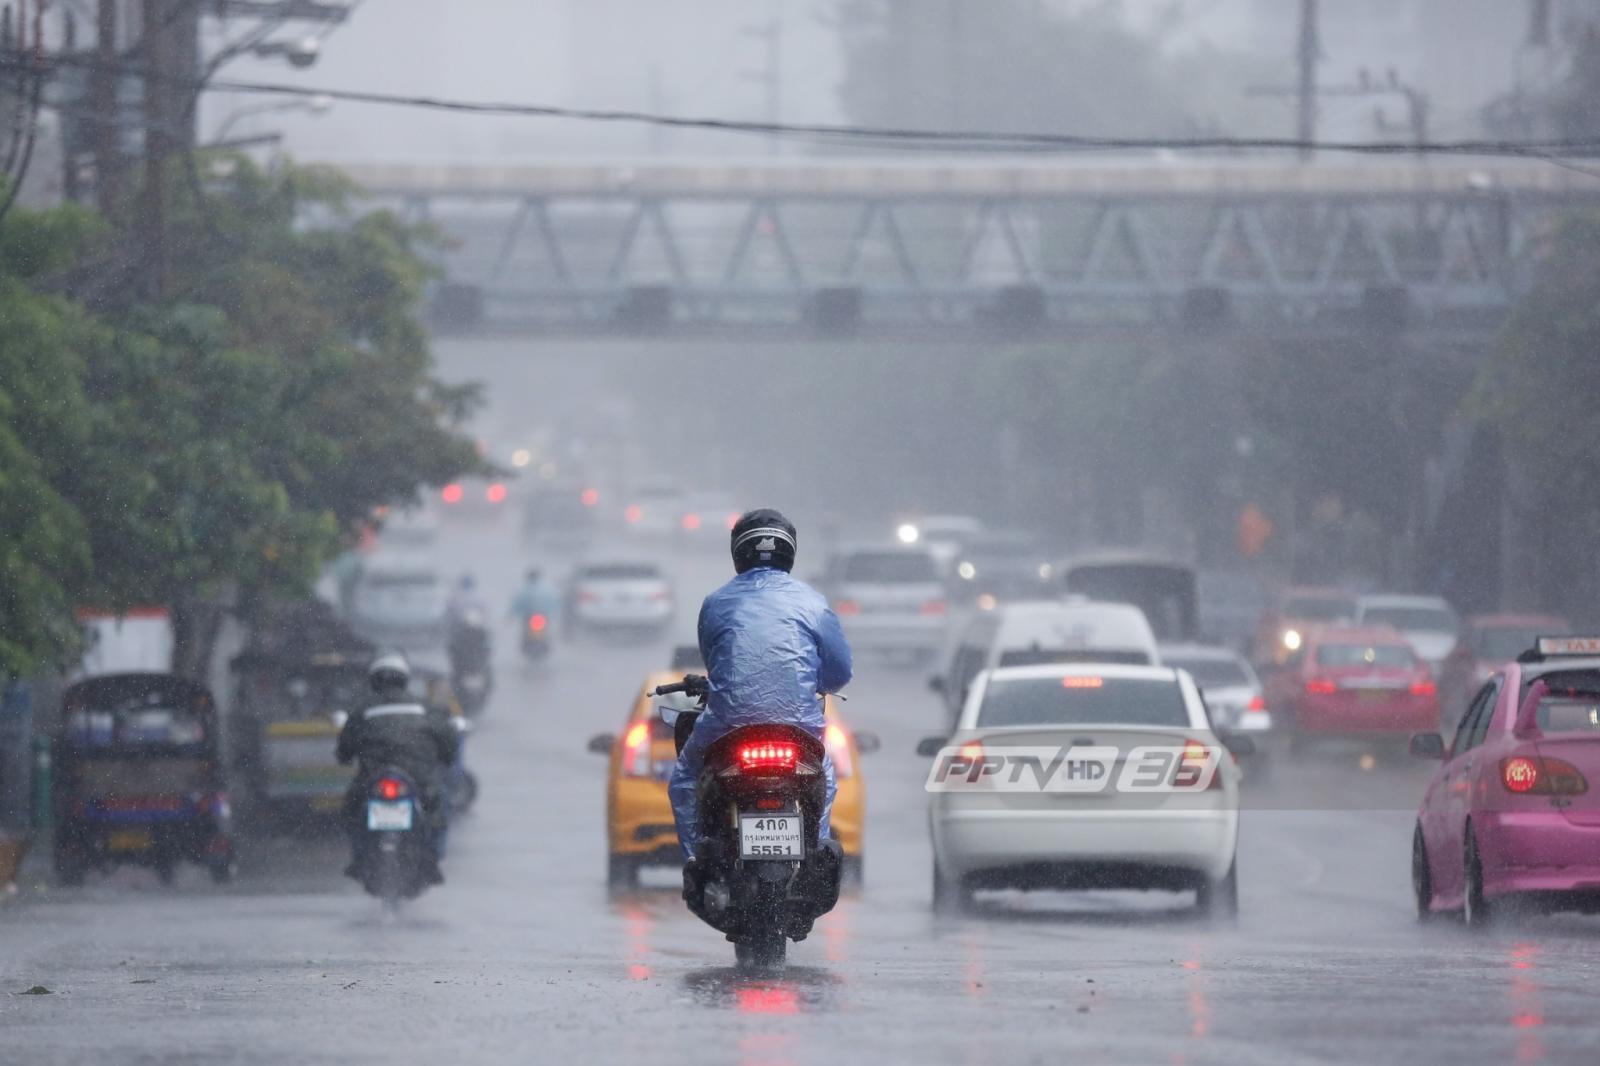 อุตุฯเผยวันนี้ฝนตกทั่วไทย